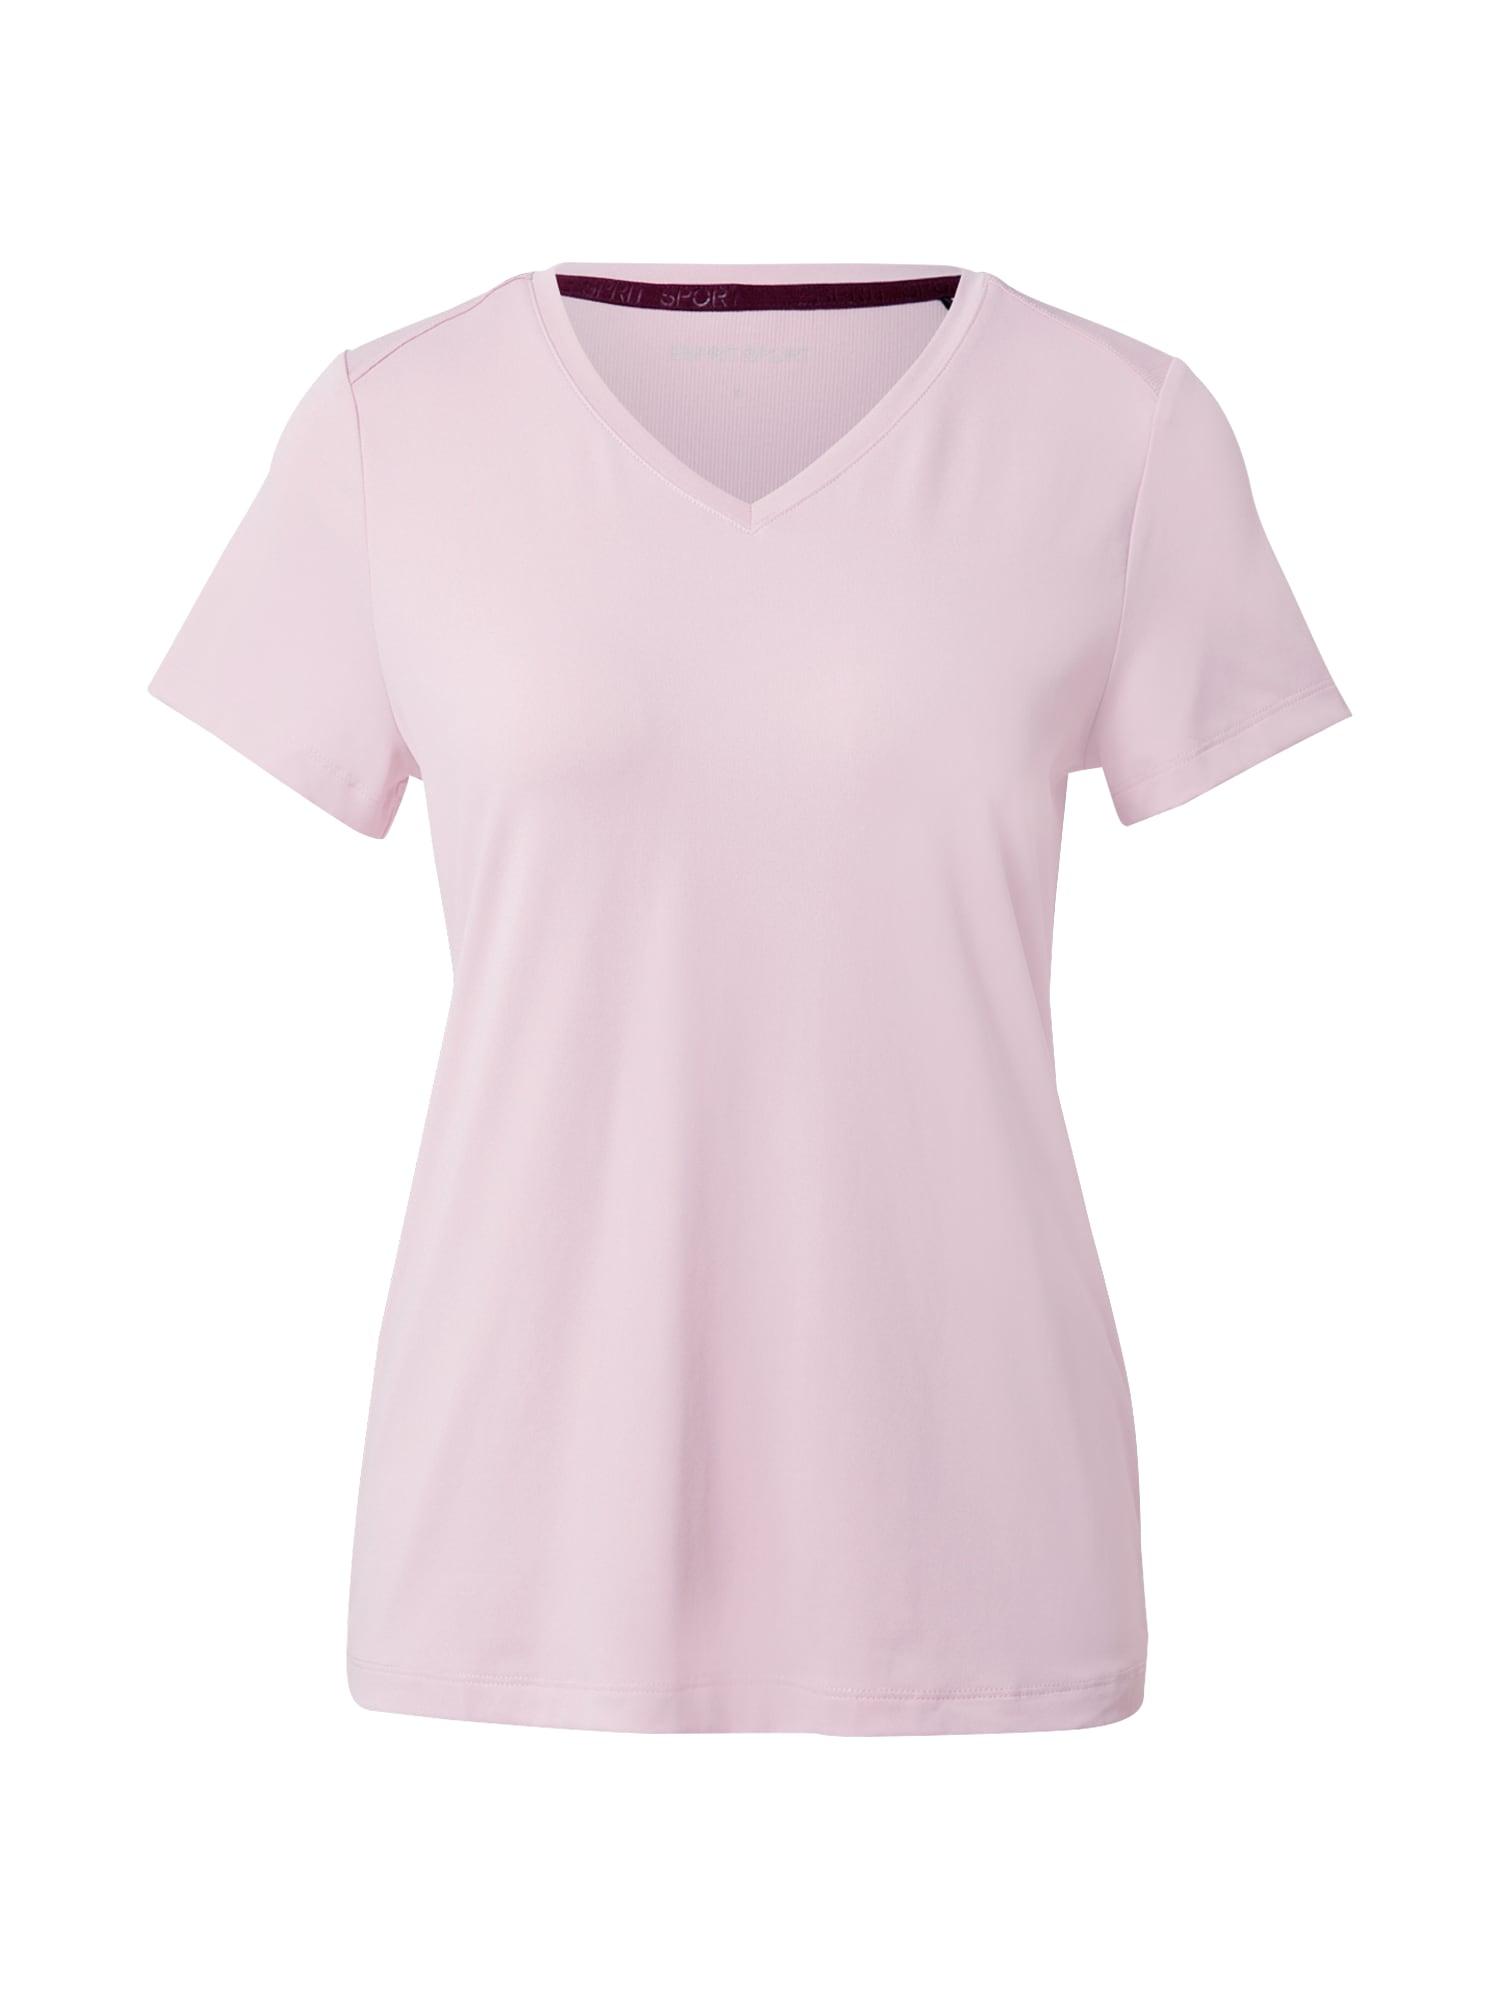 ESPRIT SPORT Sportiniai marškinėliai šviesiai rožinė